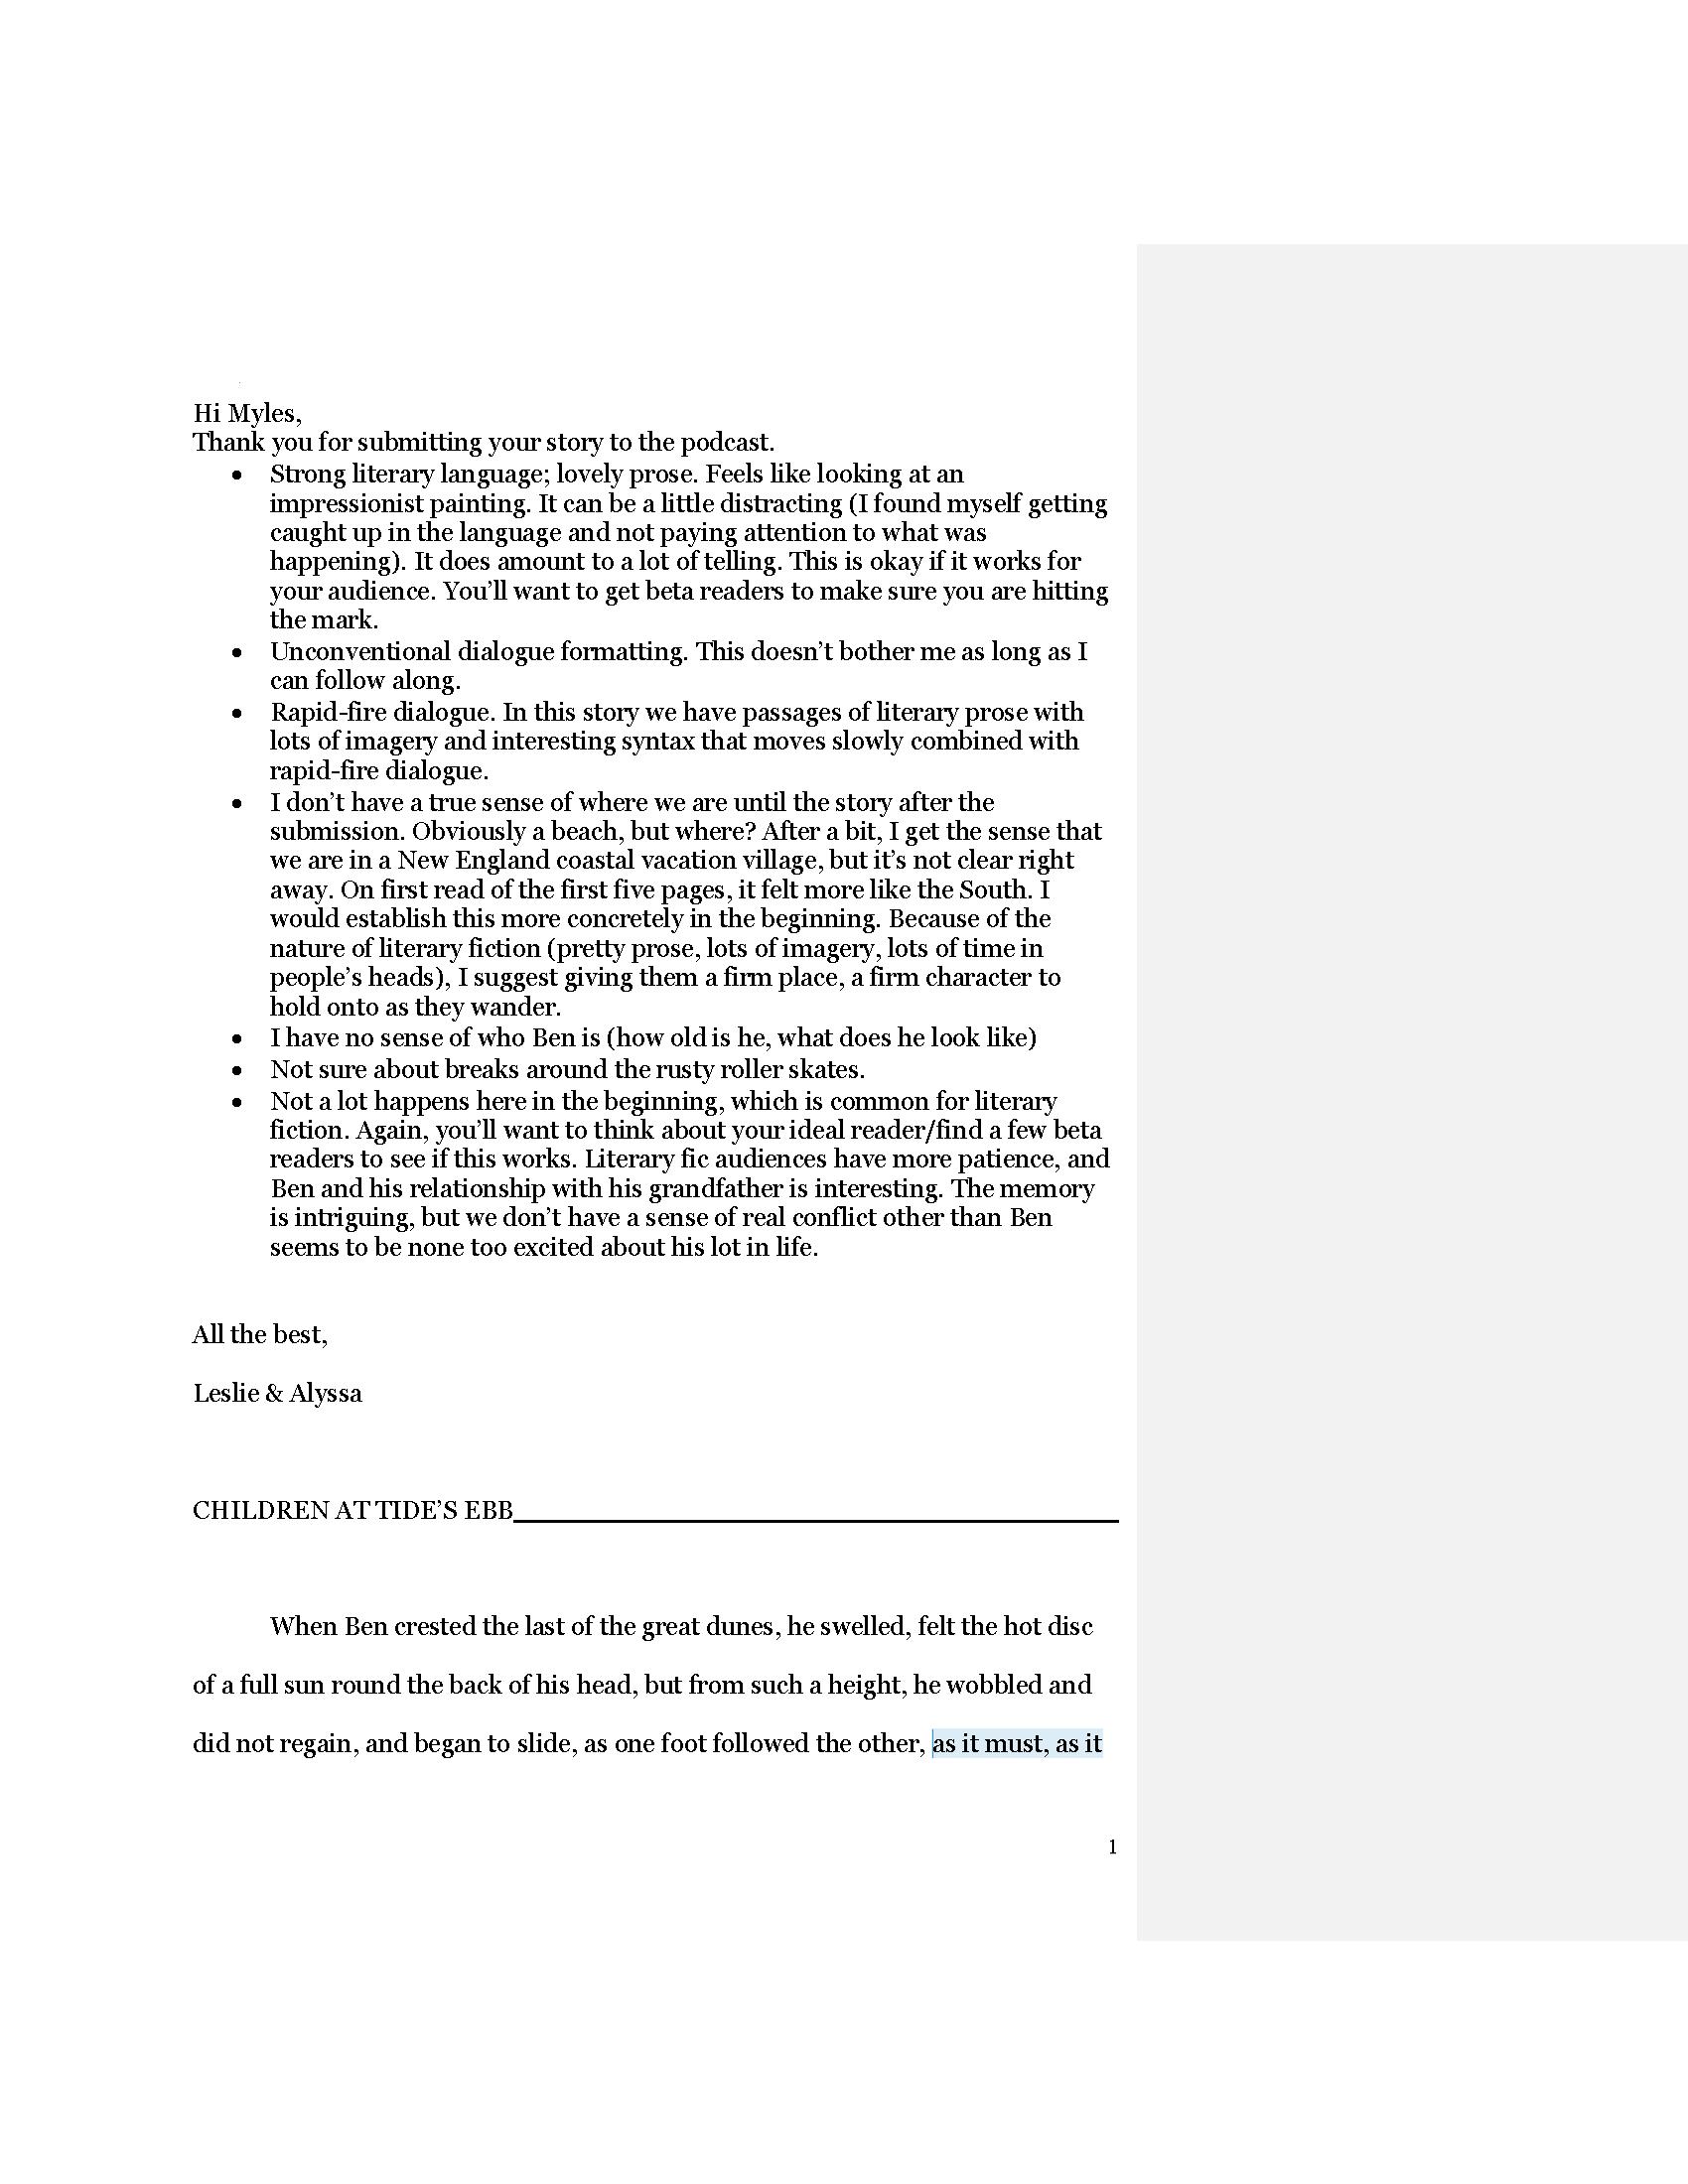 Episode 33 - McNamara - Children Excerpt.06-2015_Page_1.png